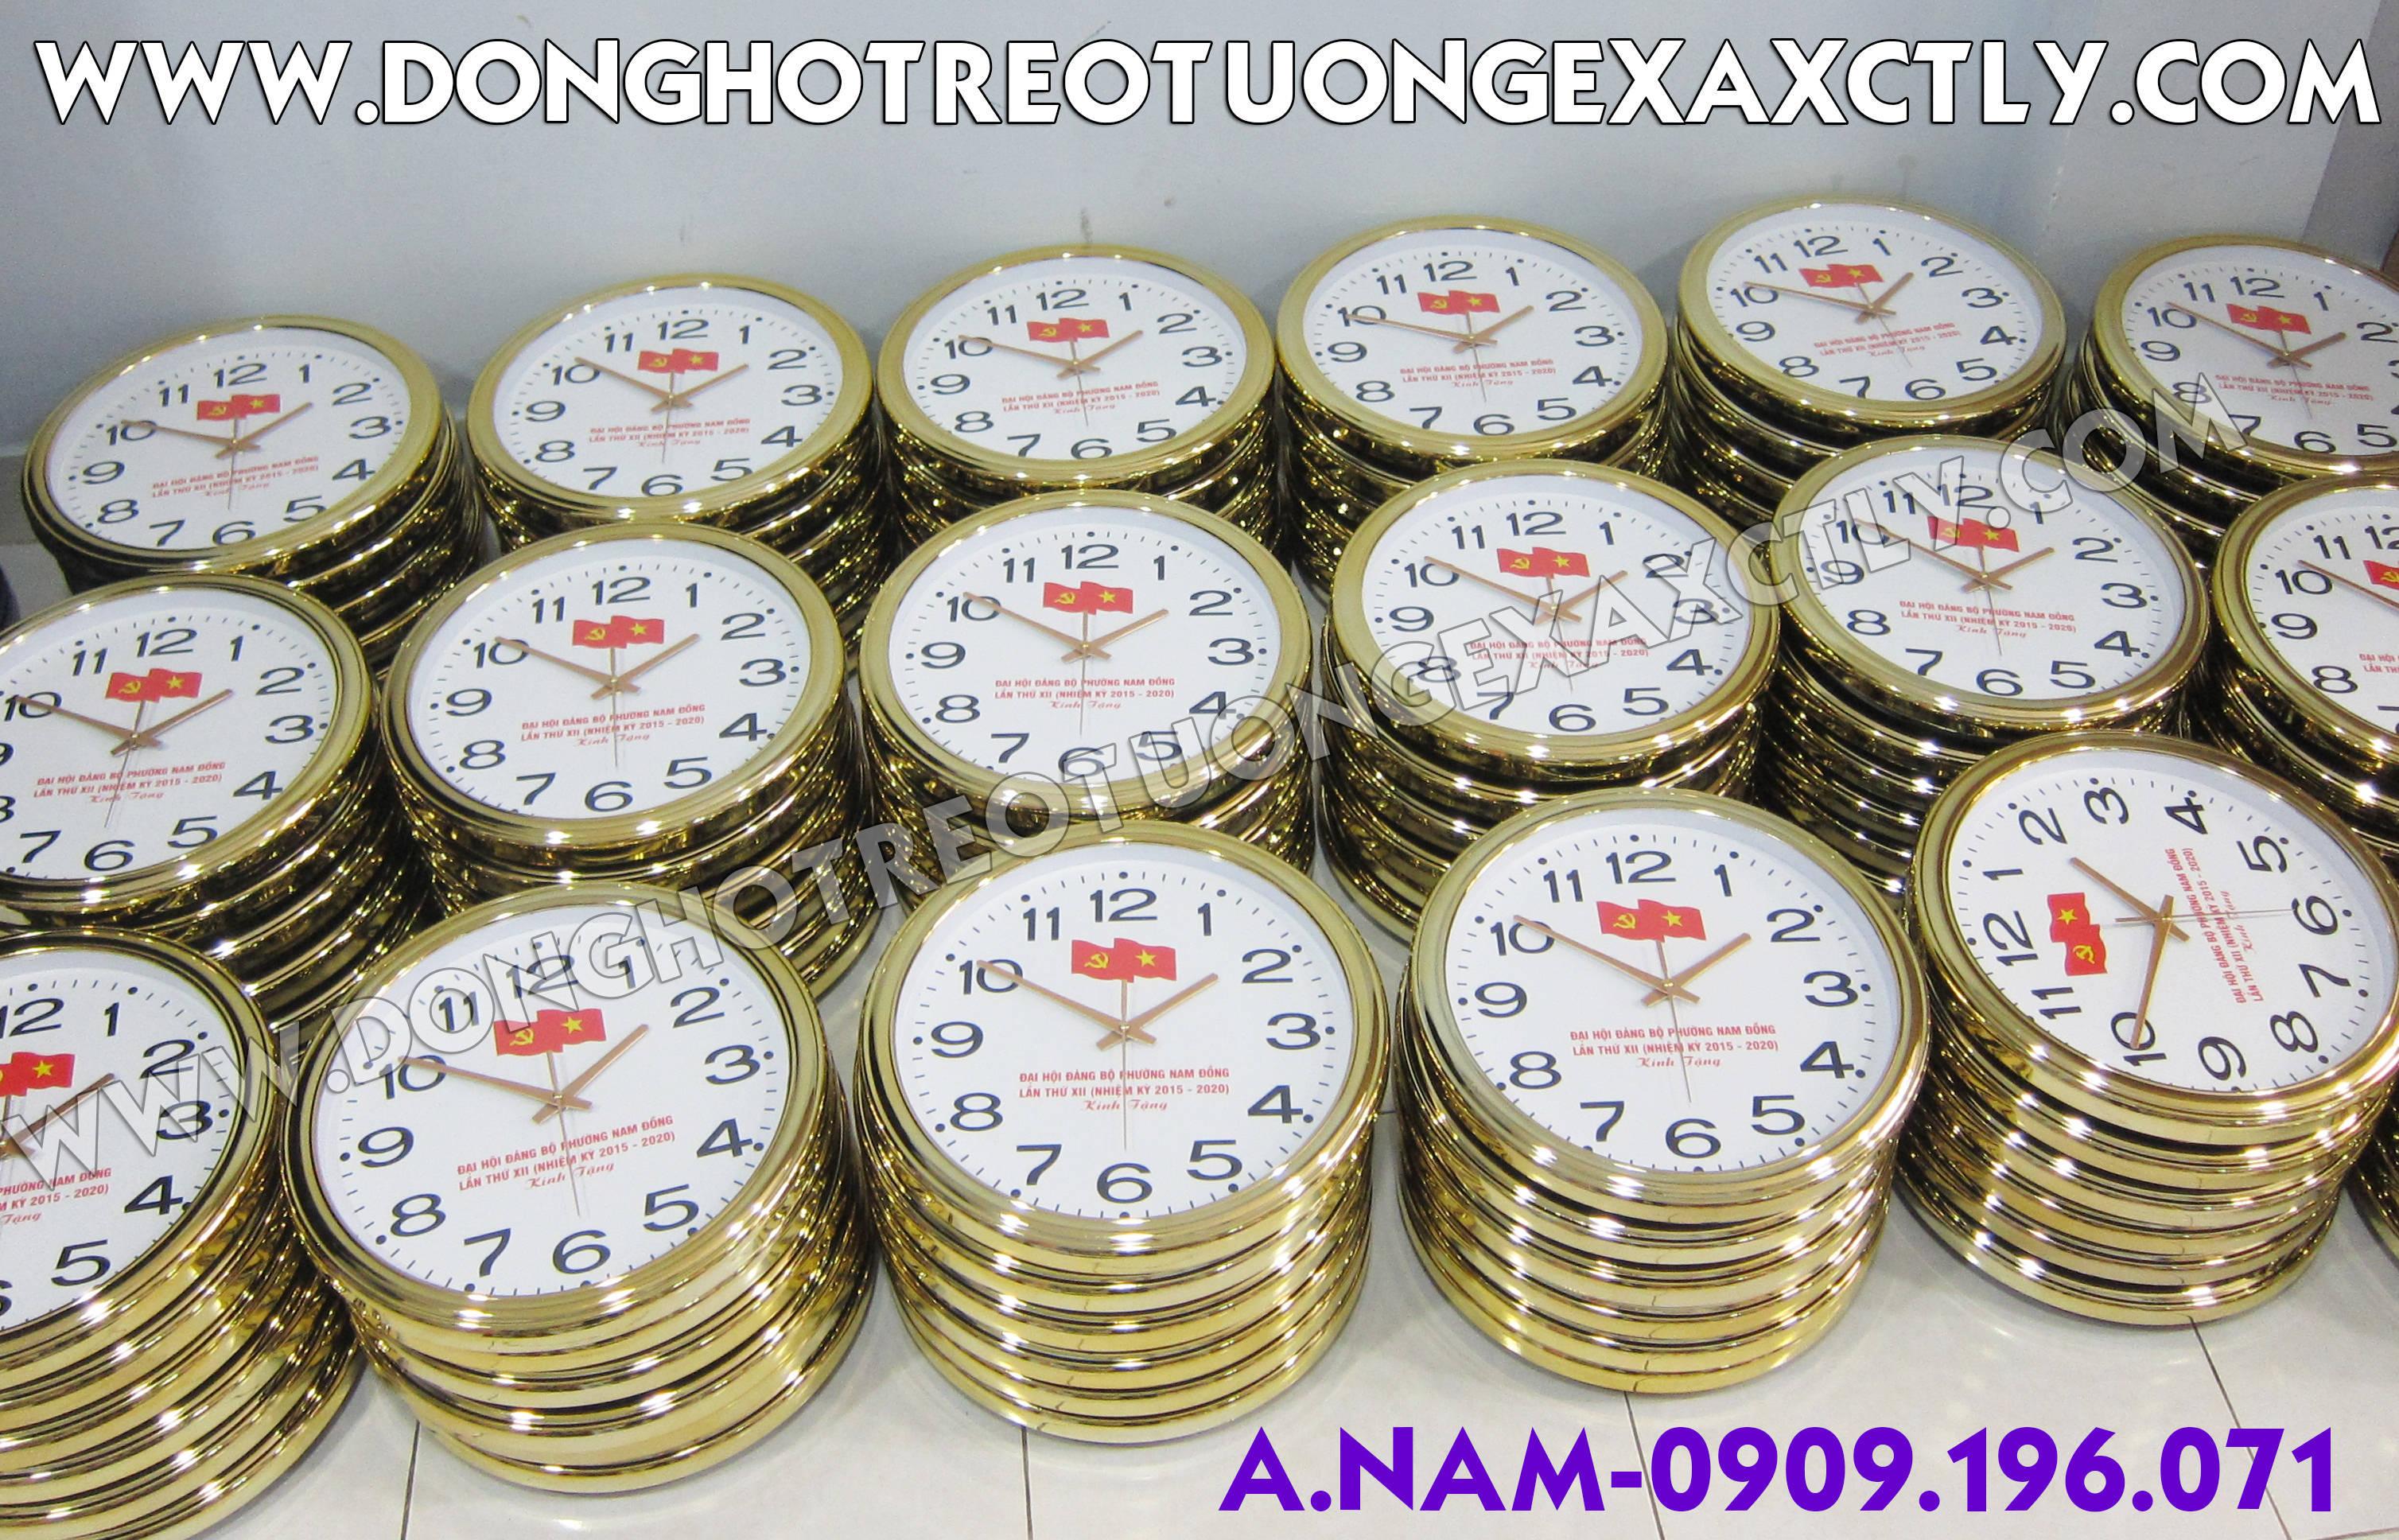 đồng hồ treo tường đại hội đảng phường nam đồng